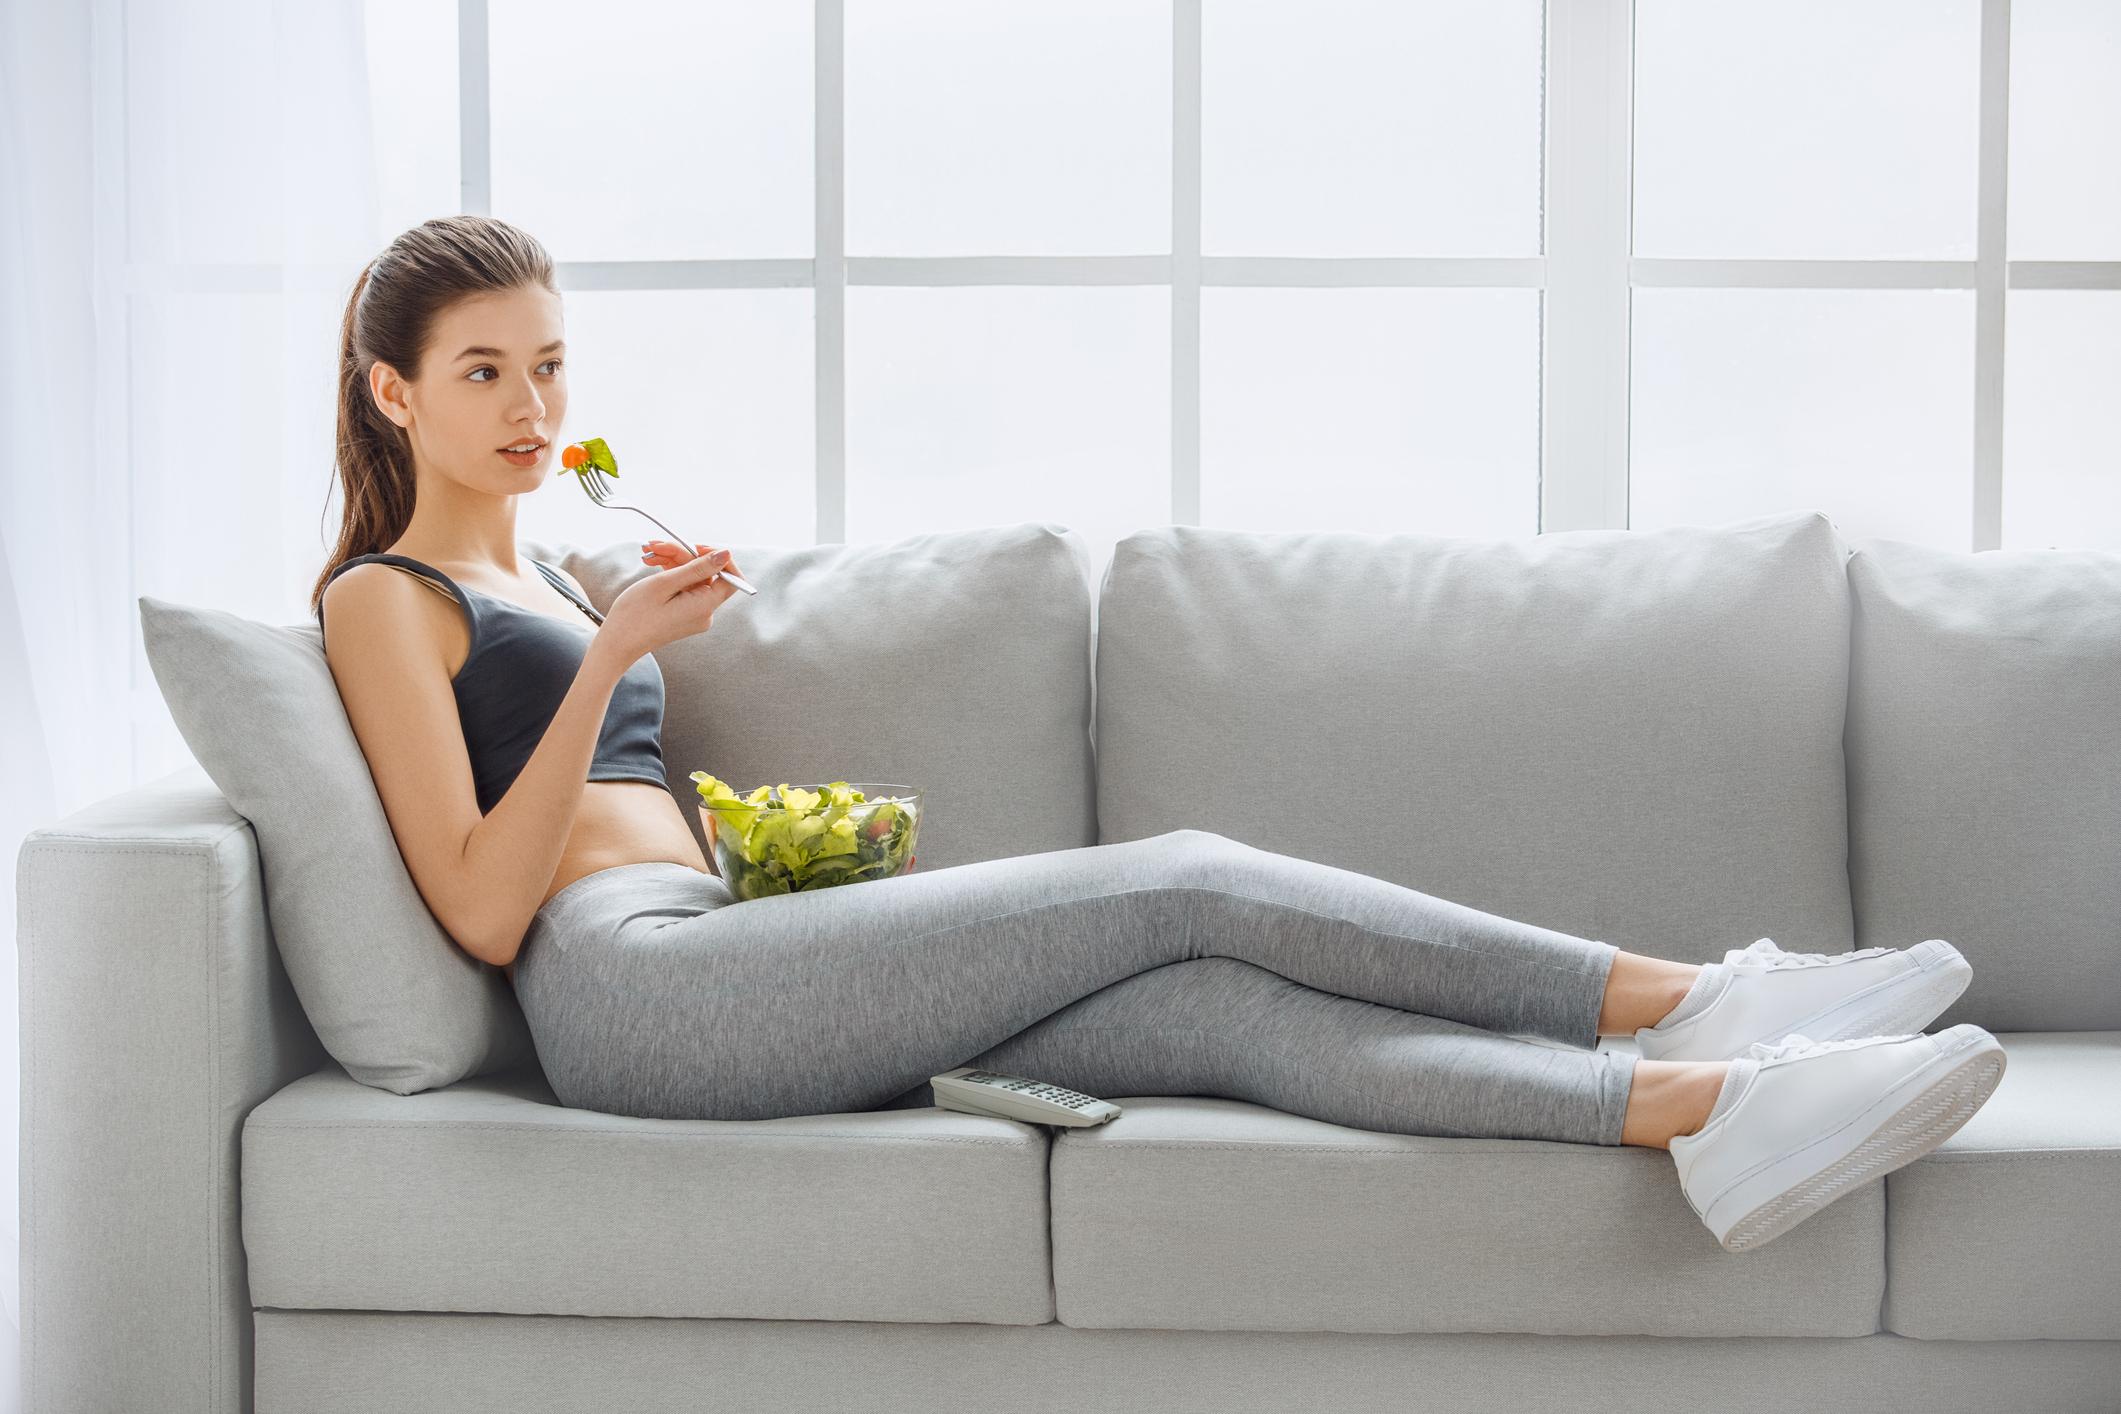 Лептин: все, що потрібно знати про регуляторі здорового ваги в організмі